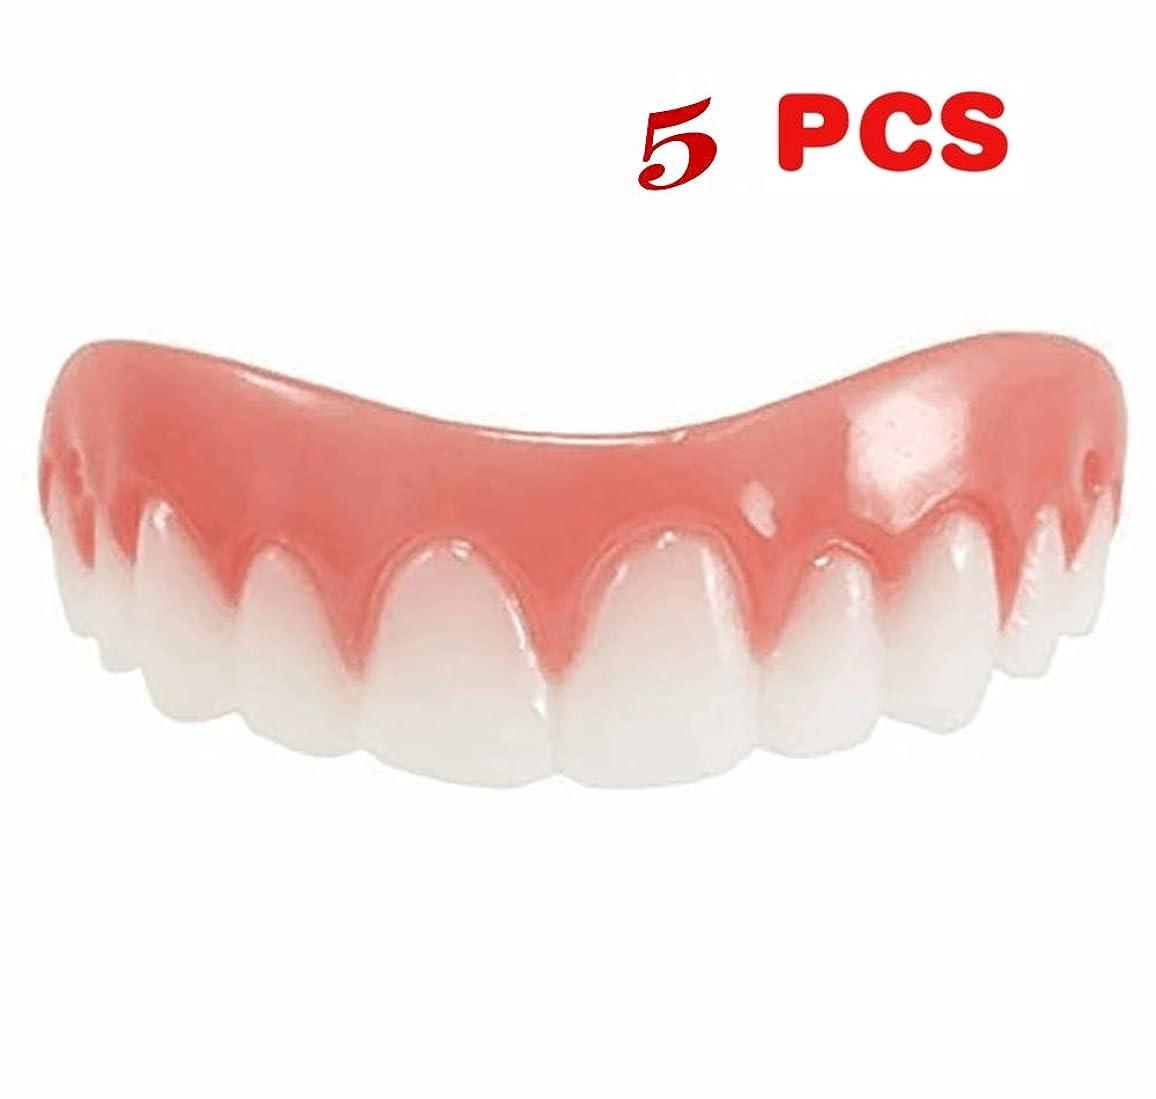 論争の的期間取り戻す5ピース新しい再利用可能な大人のスナップオンパーフェクトスマイルホワイトニング義歯フィットフレックス化粧品歯快適な突き板カバーデンタルケアアクセサリー